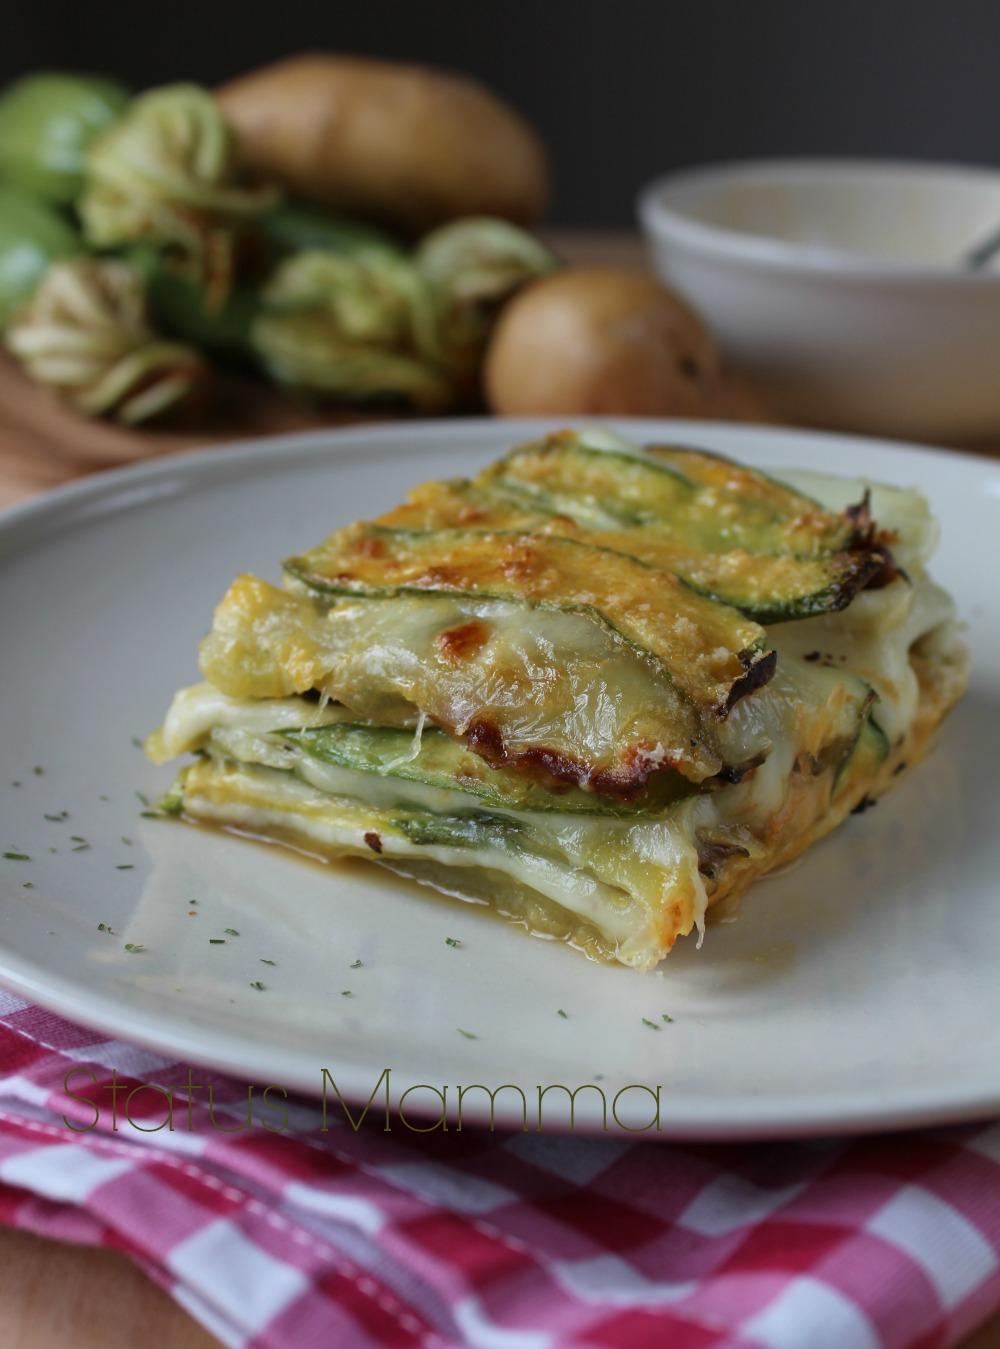 parmigiana bianca senza pomodoro di zucchine patate e mozzarella statusmamma ricetta cucinare foto bloggz blog tutorial